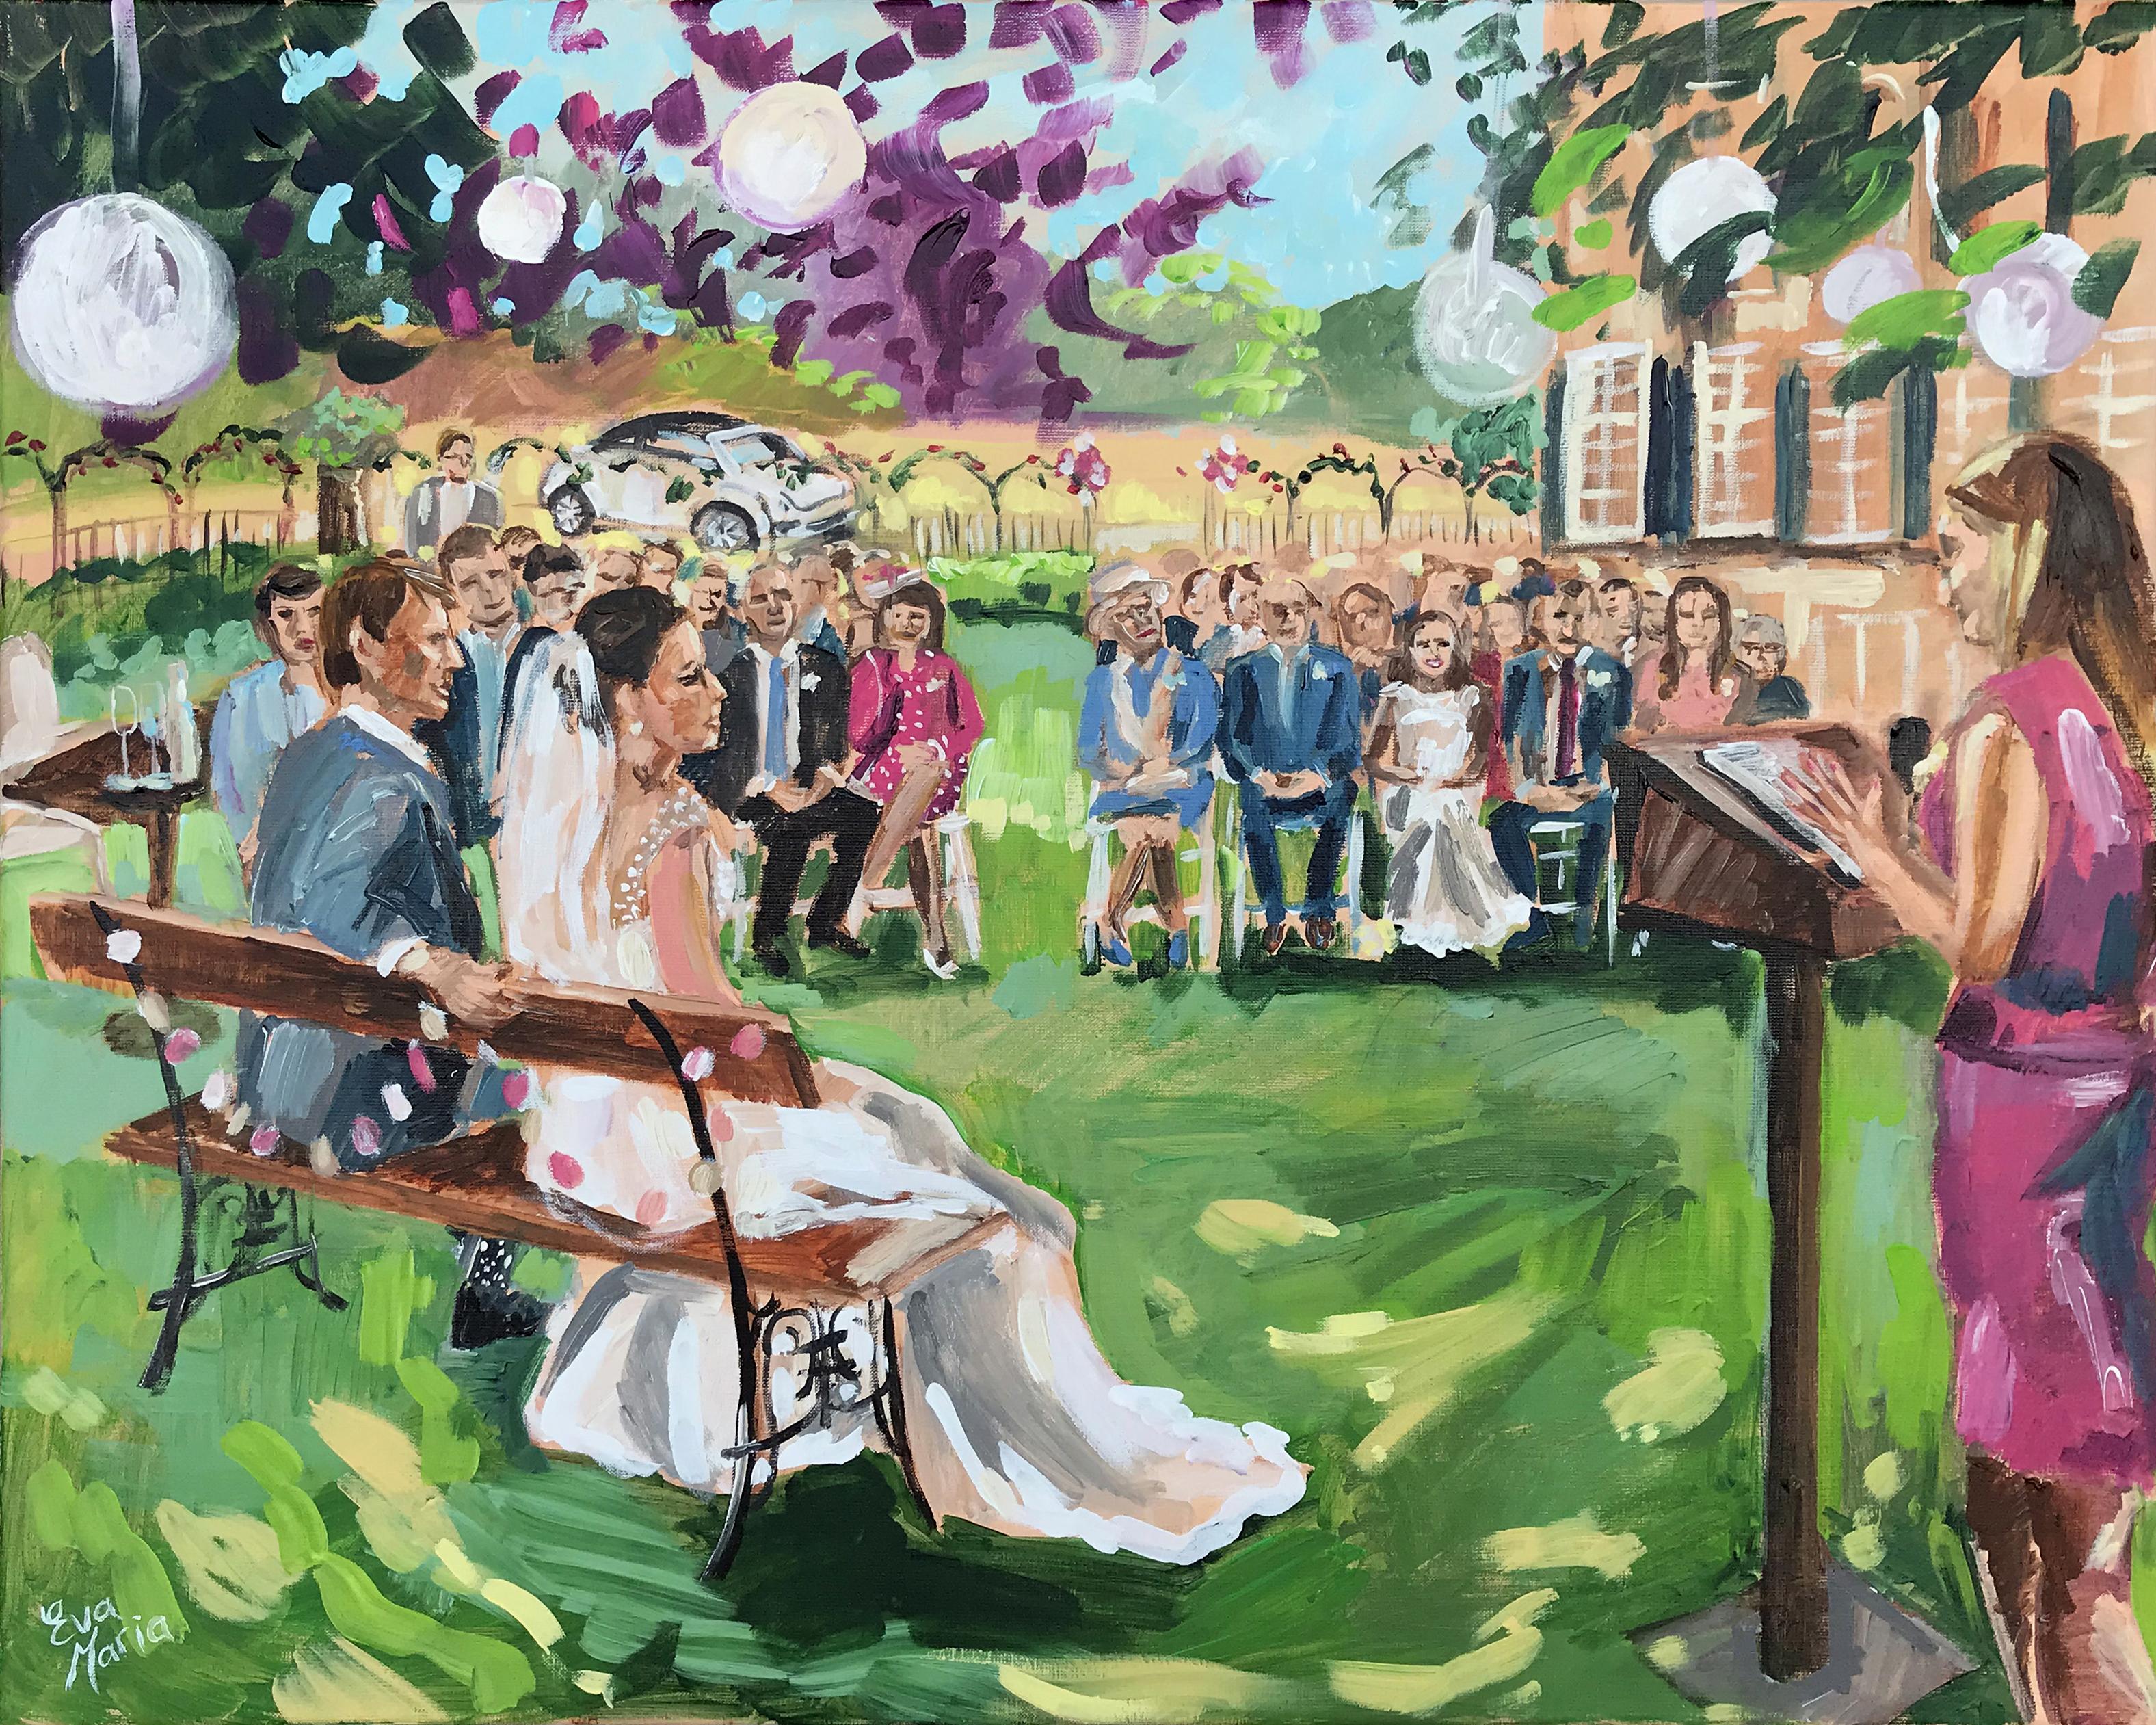 Live Paint Eva Maria huwelijksceremonie De Steeg